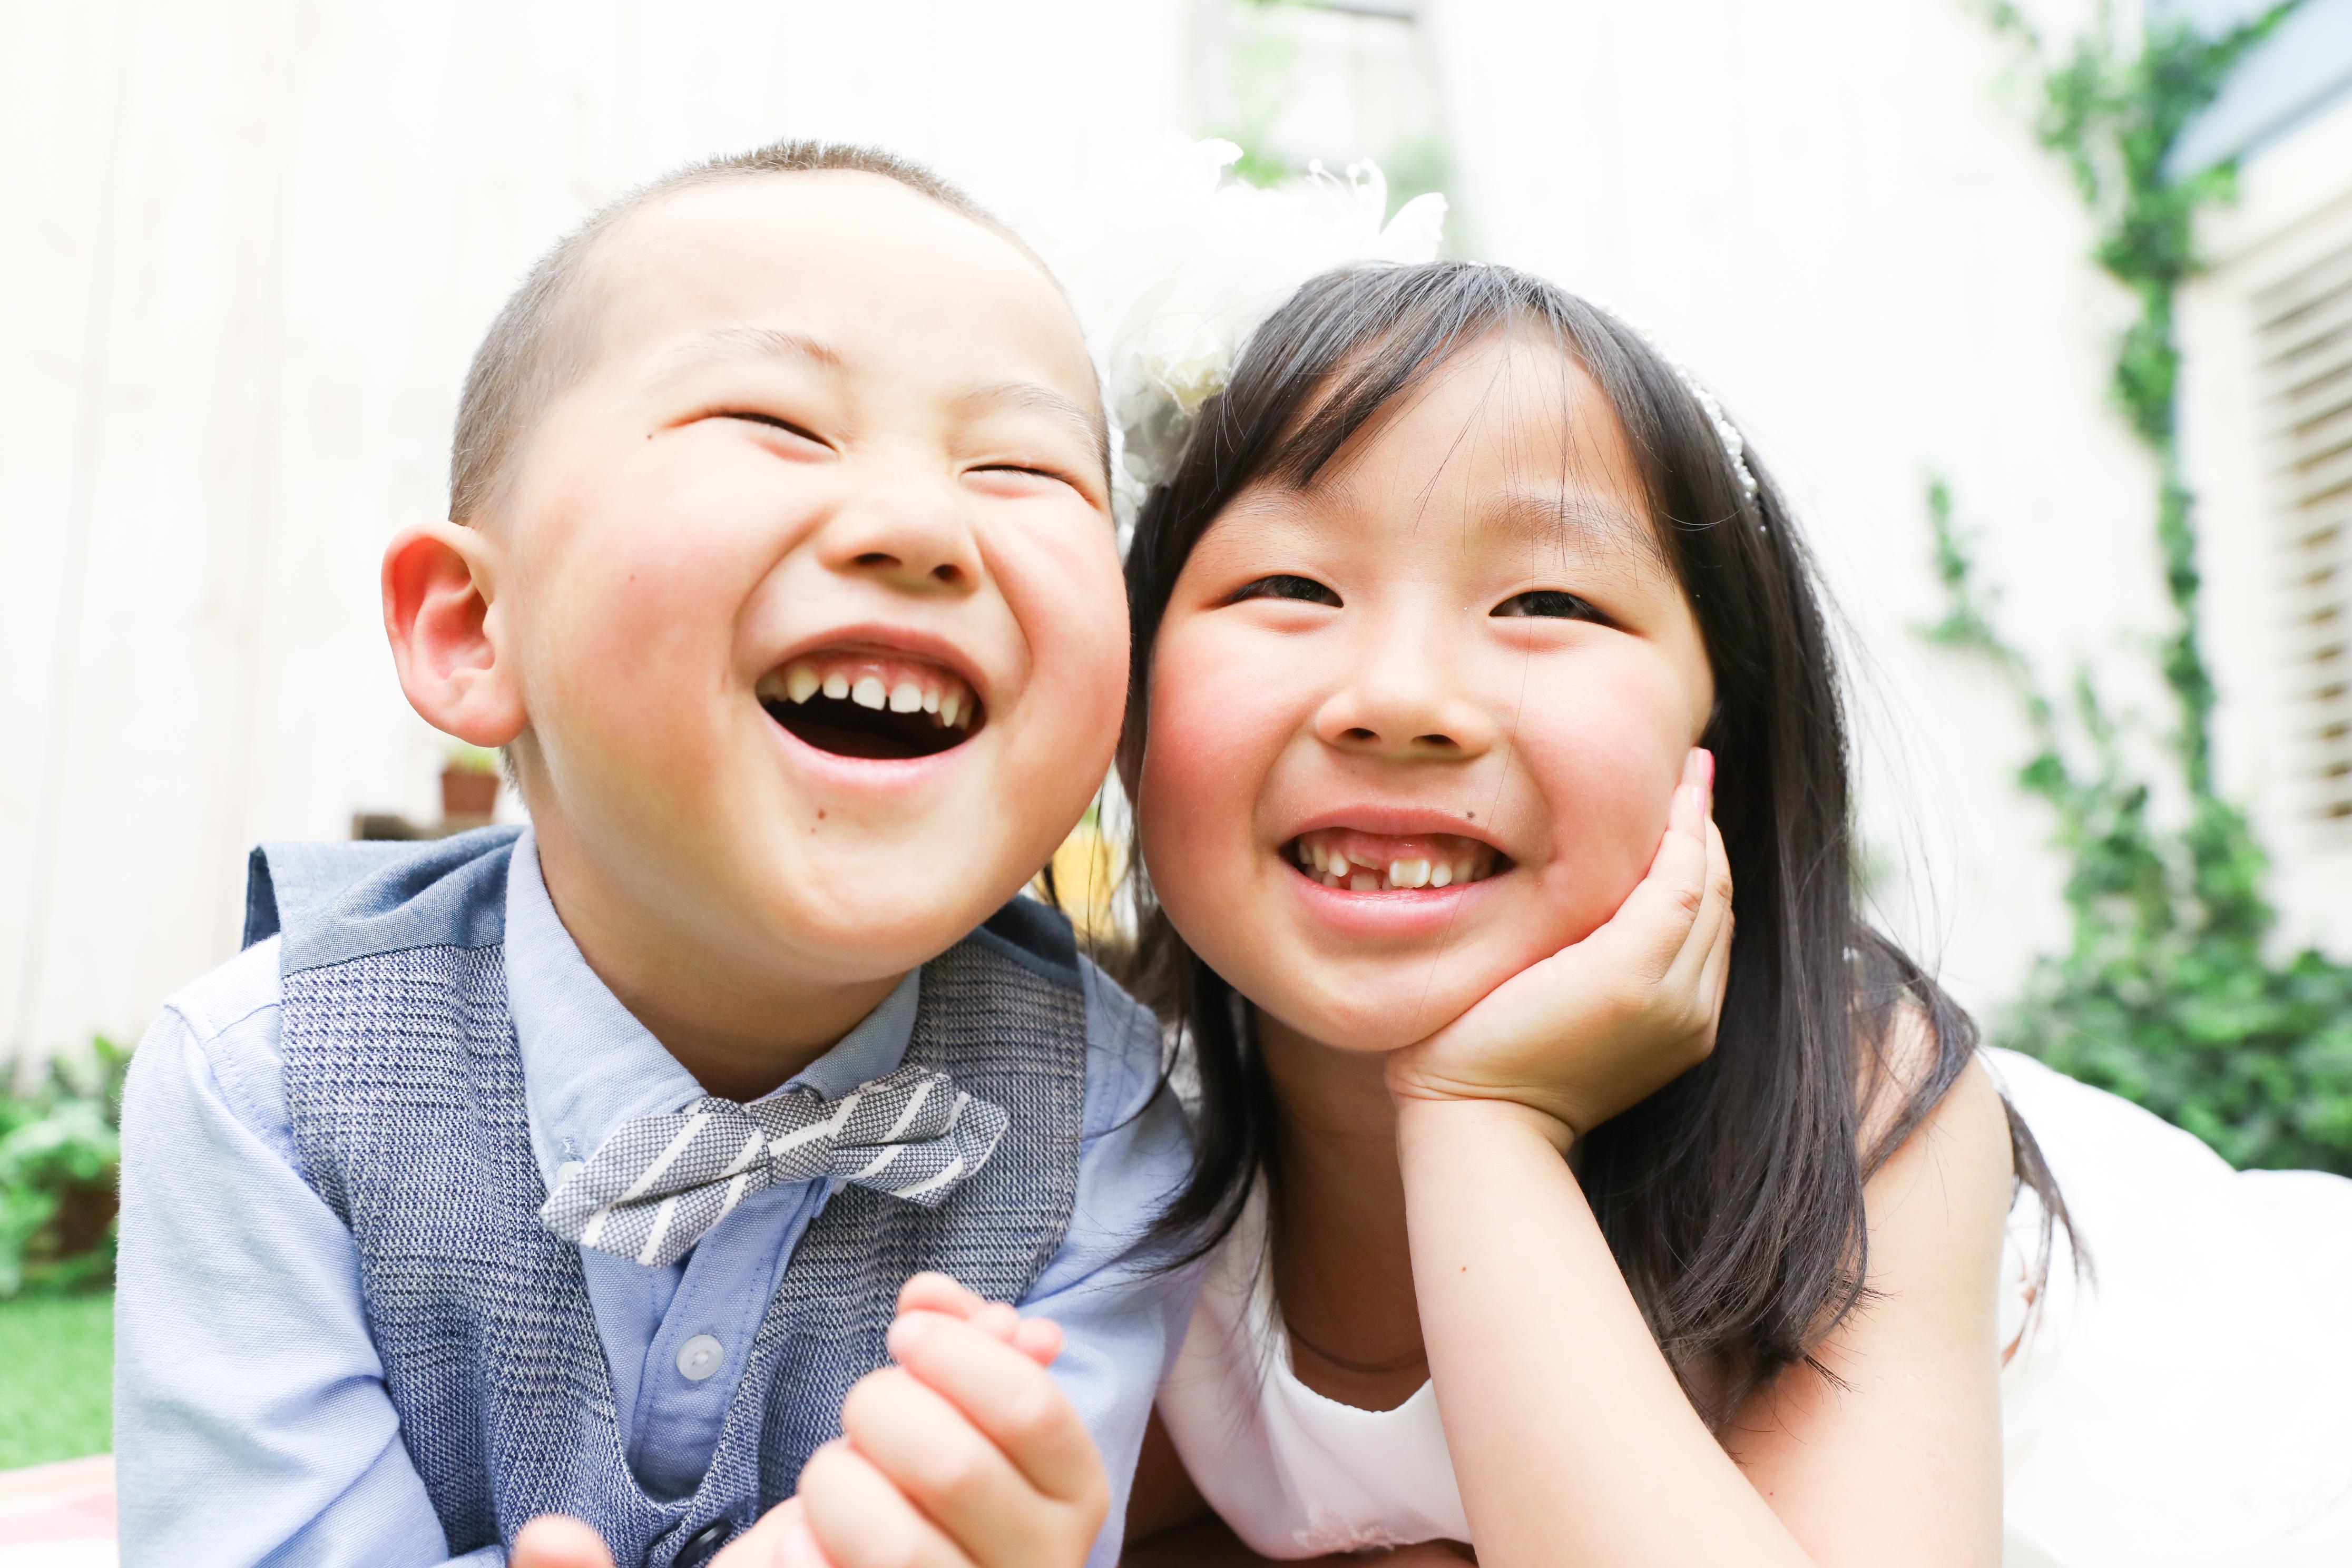 【撮影練習】3歳男の子、6歳女の子